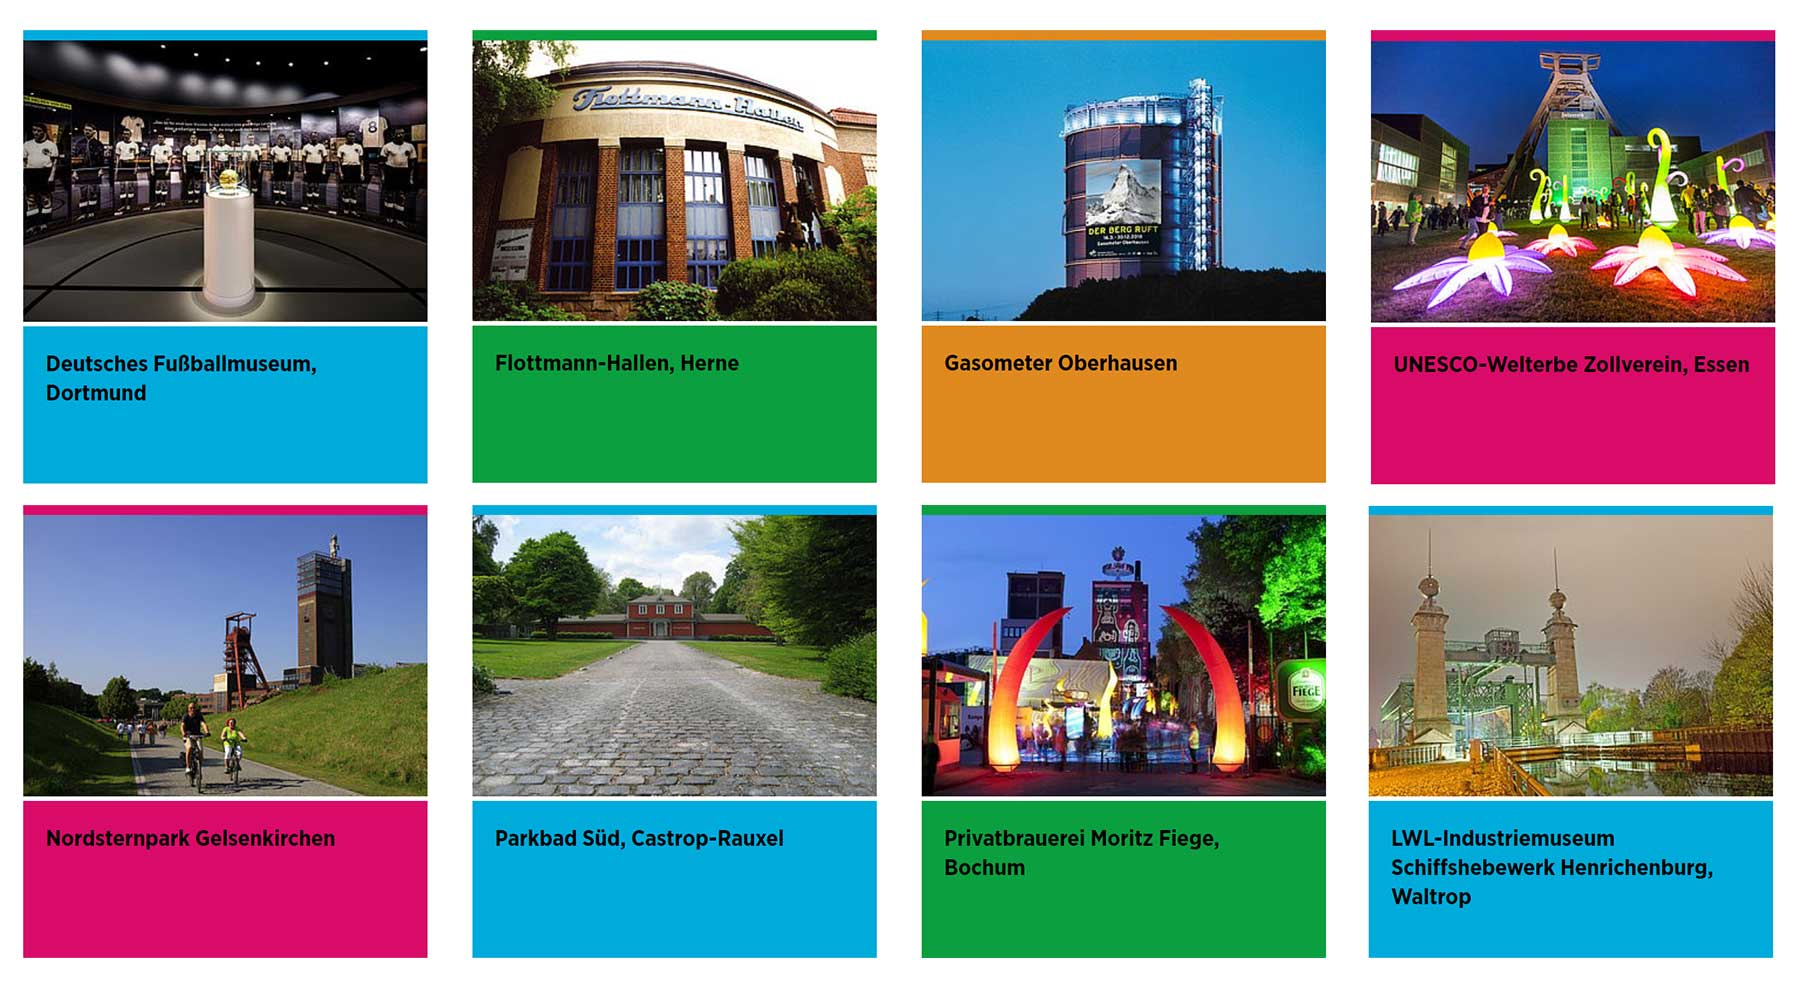 Veranstaltungs-Tipp: Samstag ist ExtraSchicht in der Metropole Ruhr ExtraSchicht-2018_06